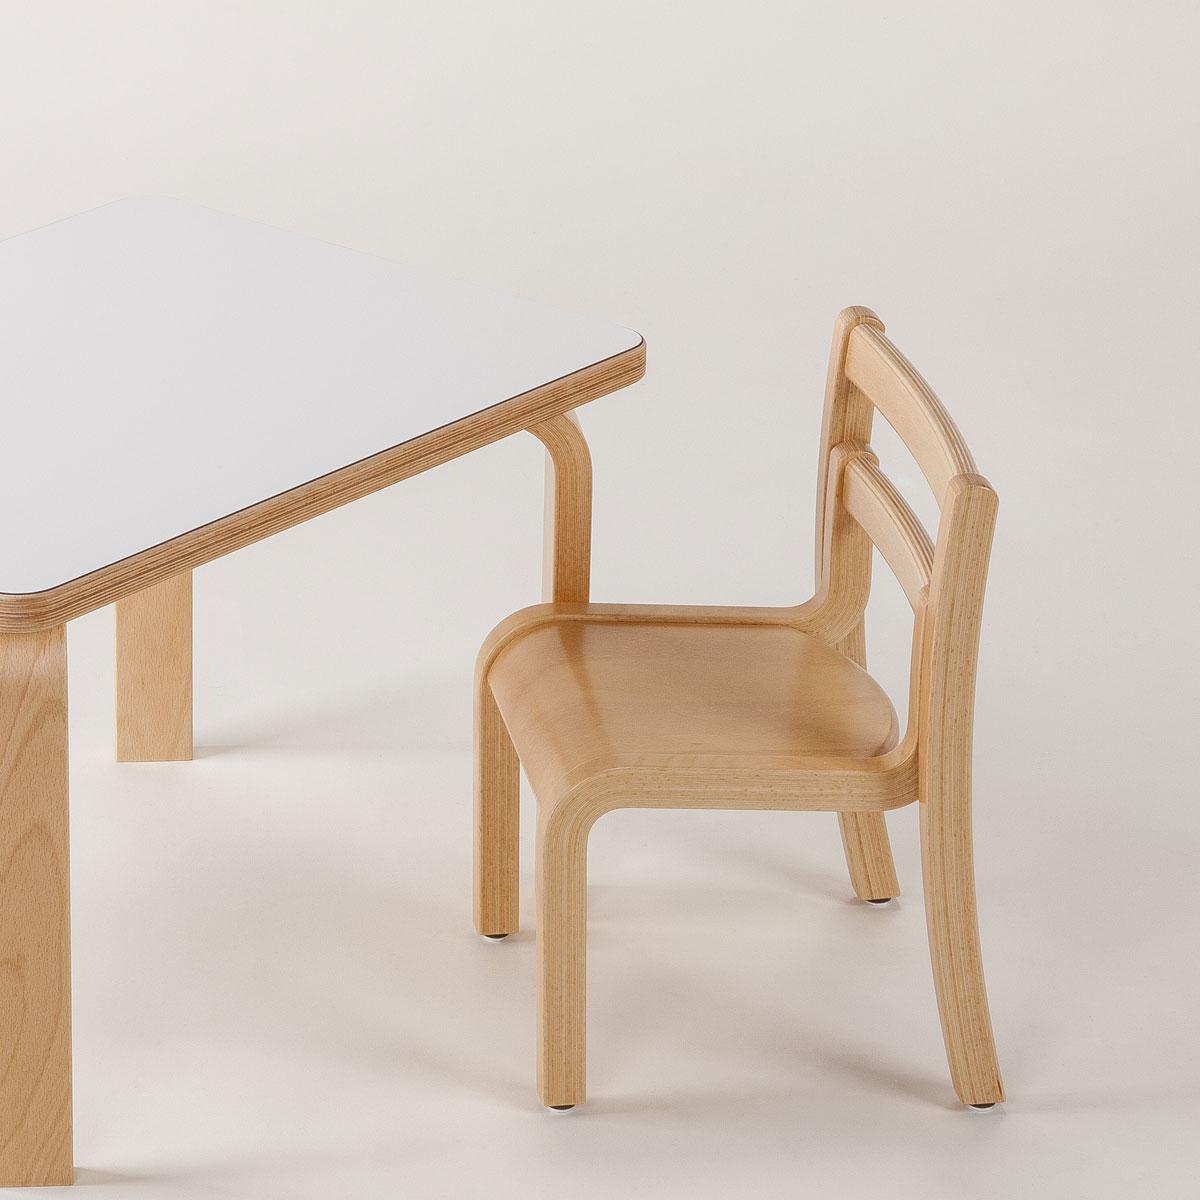 【6/1限定全品5%OFFクーポン配布中♪】佐々木敏光 デザイン Piccola ピッコラ チェア PC-01 デザイナー 日本製 キッズチェア 椅子 ローチェア【代引き不可】